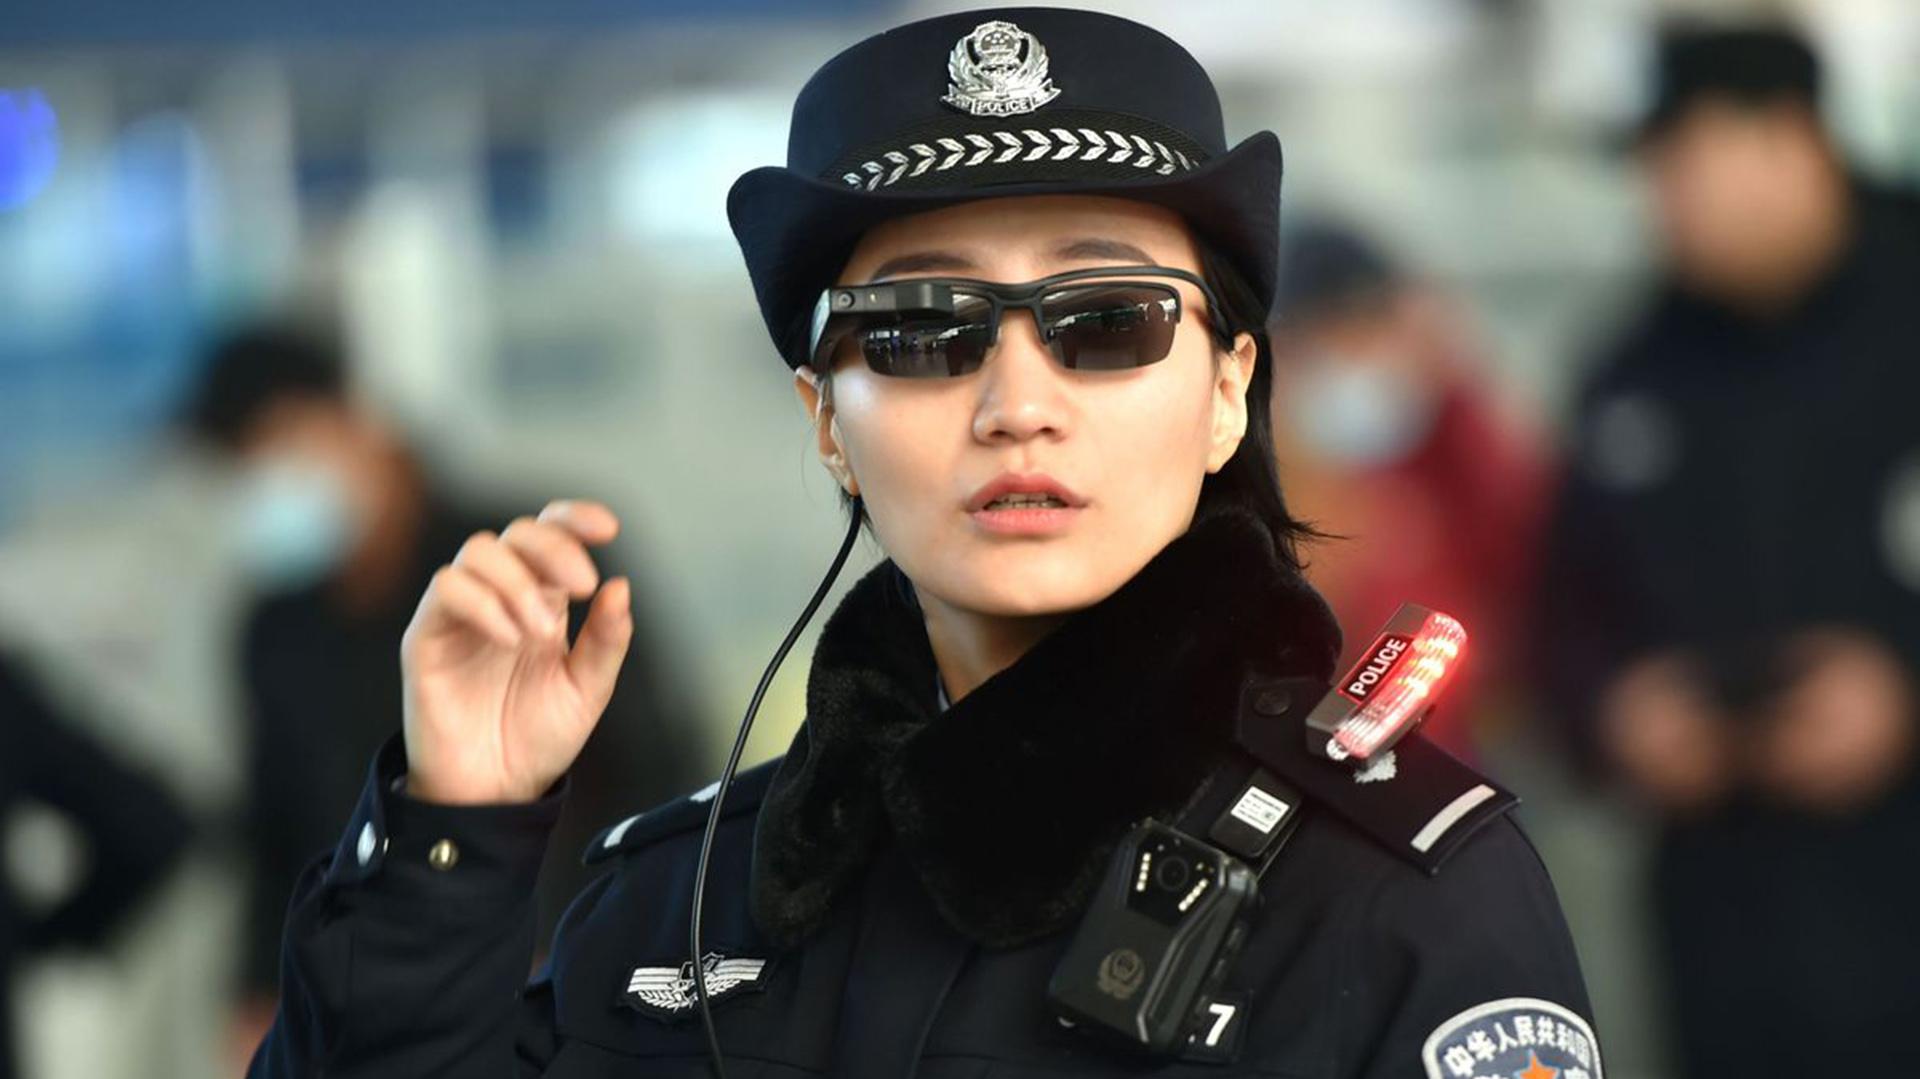 Una agente de policía china utilizando lentes con tecnología de reconocimiento facial.